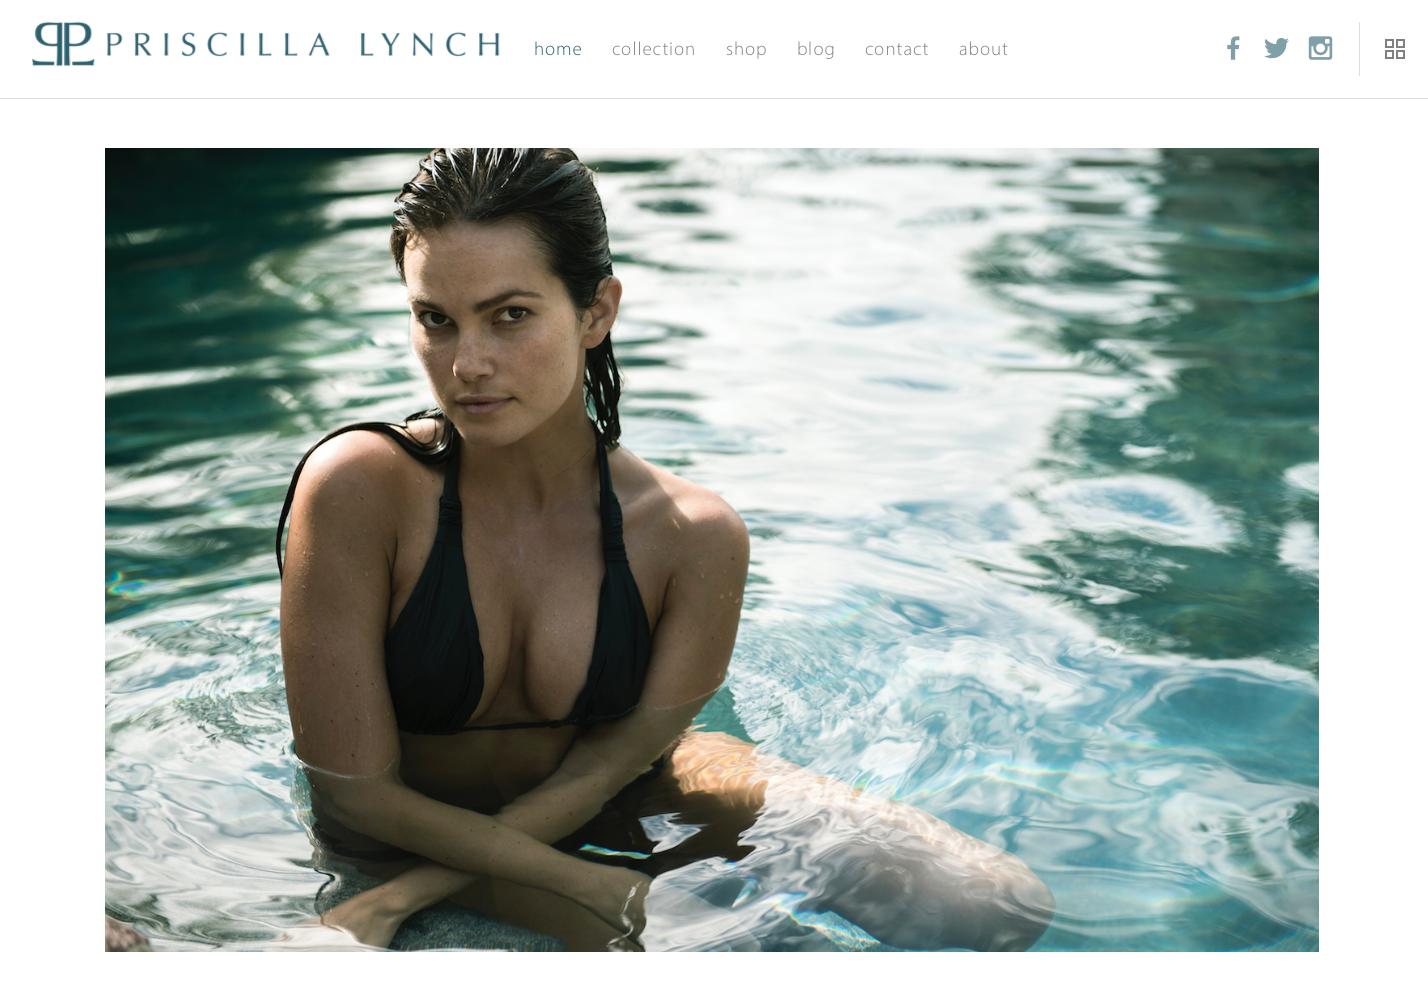 Priscilla-Lynch.jpg